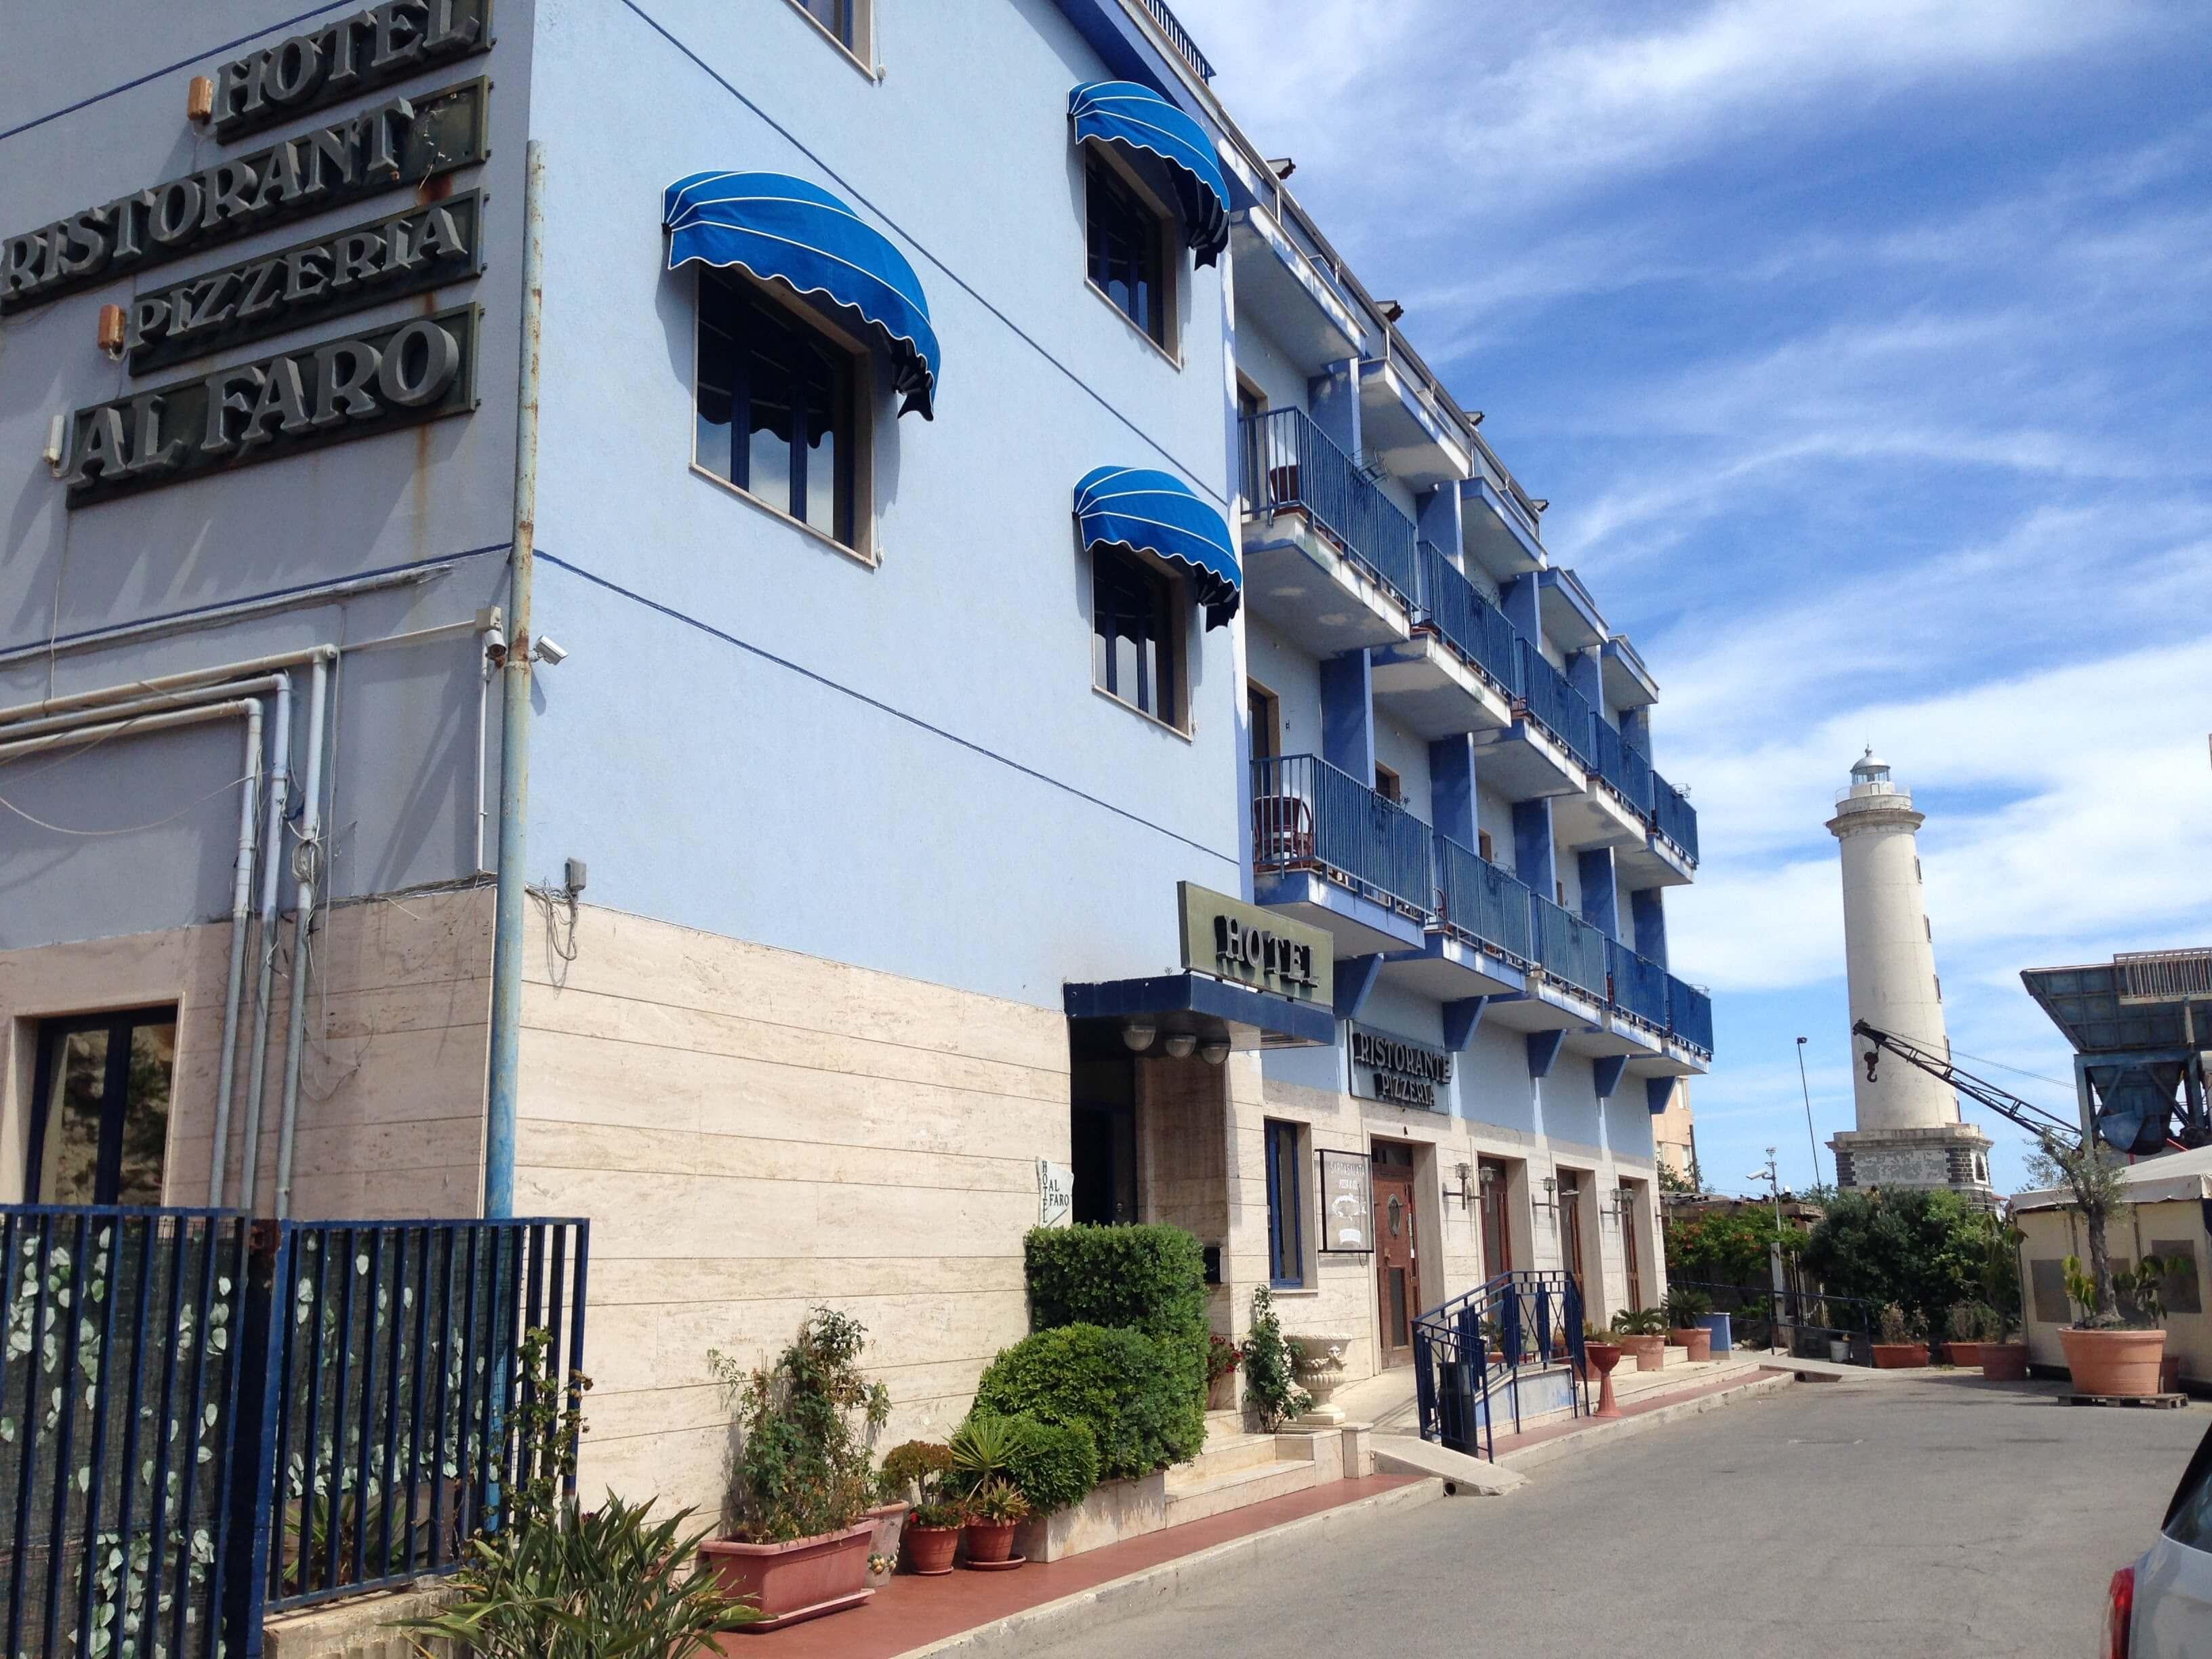 hotel-licata-al-faro (1)